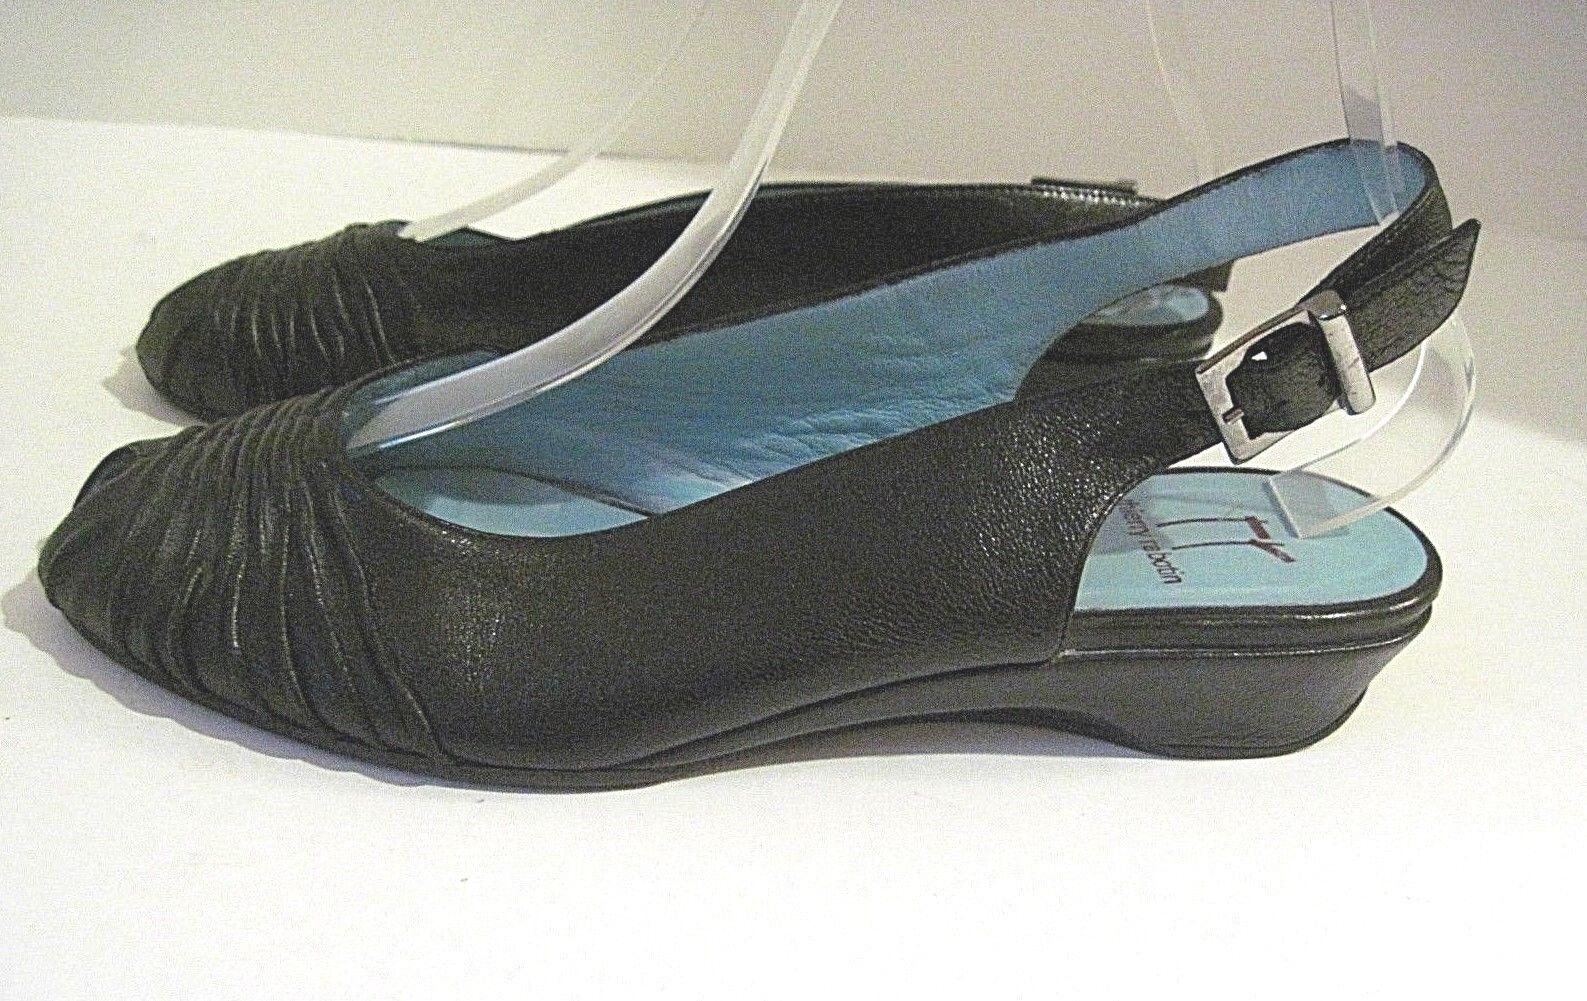 risparmia fino al 30-50% di sconto THIERRY RABOTIN donna nero Leather Peep Peep Peep Toe Slingback Wedge scarpe Dimensione 37  in vendita scontato del 70%